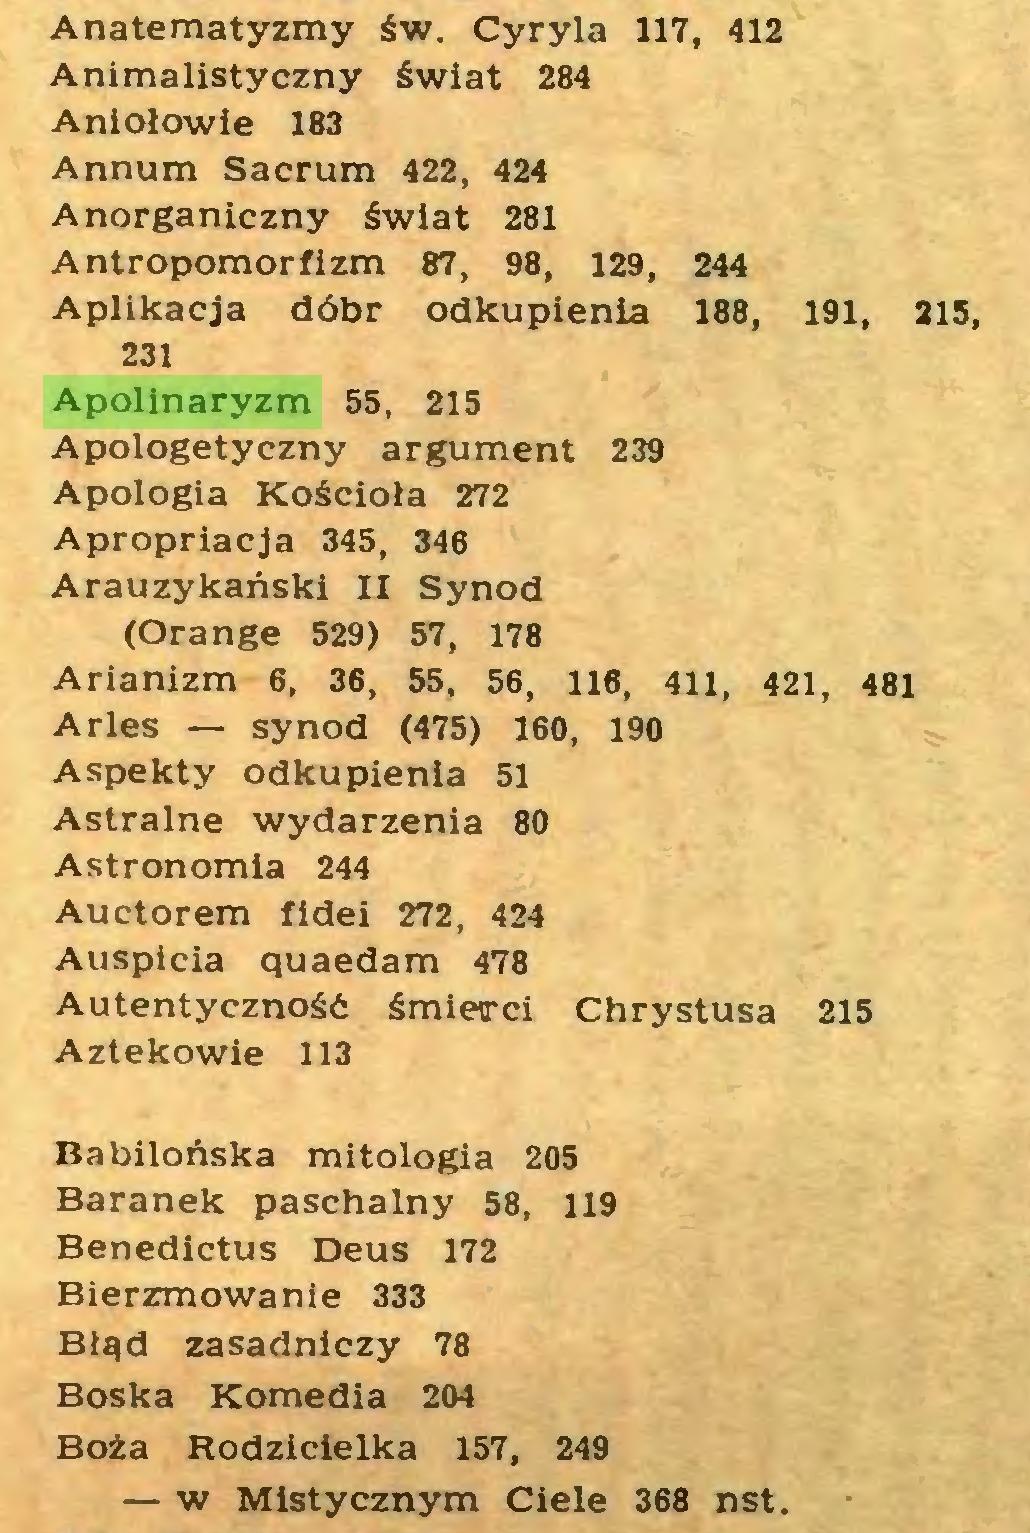 (...) Anatematyzmy św. Cyryla 117, 412 Animalistyczny świat 284 Aniołowie 183 Annum Sacrum 422, 424 Anorganiczny świat 281 Antropomorfizm 87, 98, 129, 244 Aplikacja dóbr odkupienia 188, 191, 215, 231 Apolinaryzm 55, 215 Apologetyczny argument 239 Apologia Kościoła 272 Apropriacja 345, 346 Arauzykański II Synod (Orange 529) 57, 178 Arianizm 6, 36, 55, 56, 116, 411, 421, 481 Arles — synod (475) 160, 190 Aspekty odkupienia 51 Astralne wydarzenia 80 Astronomia 244 Auctorem fidei 272, 424 Auspicia quaedam 478 Autentyczność śmierci Chrystusa 215 Aztekowie 113 Babilońska mitologia 205 Baranek paschalny 58, 119 Benedictus Deus 172 Bierzmowanie 333 Błąd zasadniczy 78 Boska Komedia 204 Boża Rodzicielka 157, 249 — w Mistycznym Ciele 368 nst...